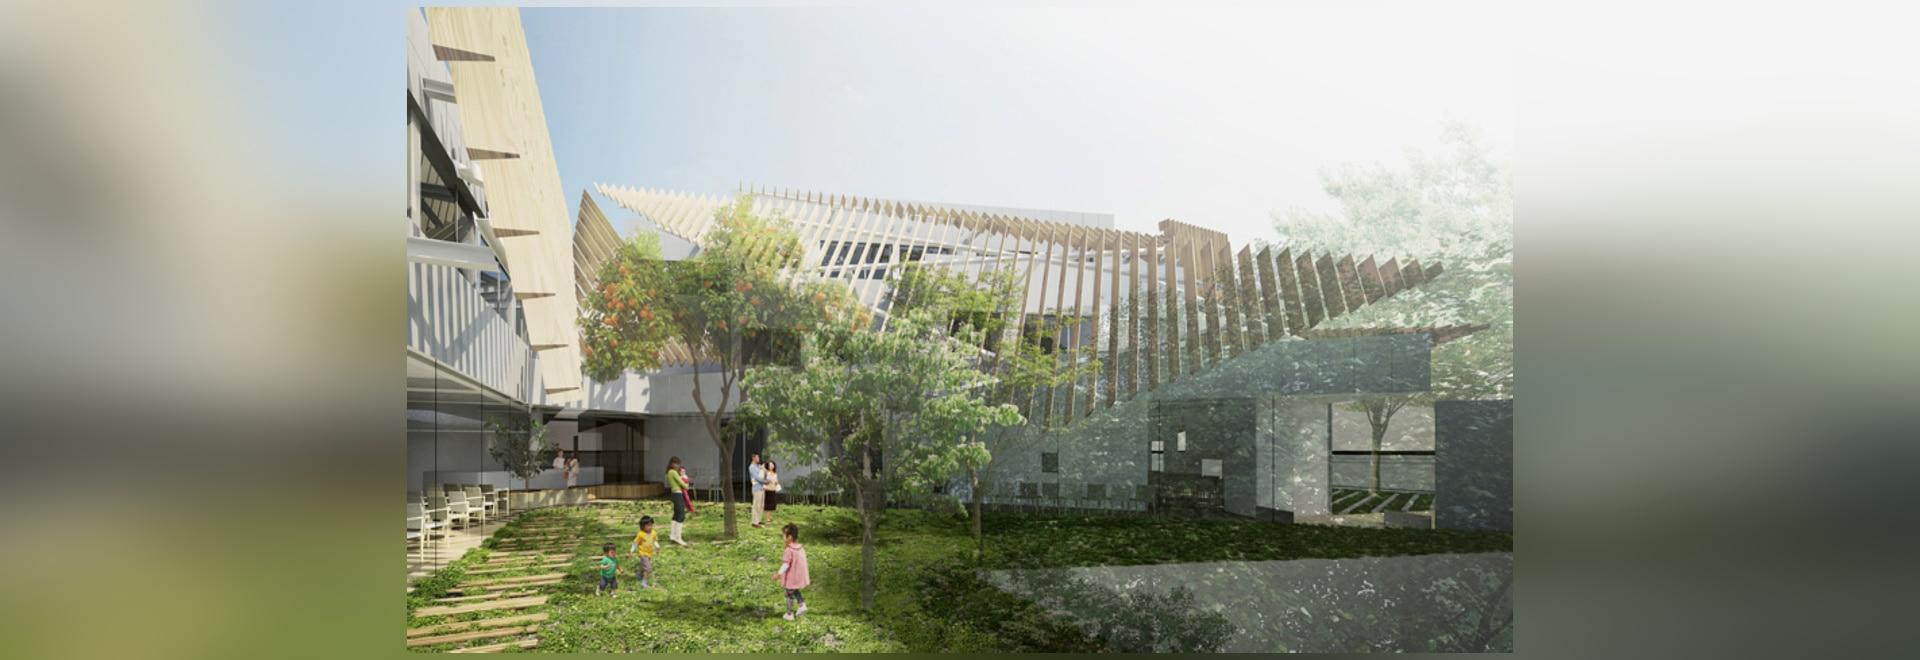 Kengo Kuma complète l'hôpital de kinoshita de seijo avec les auvents de flottement de bois de construction